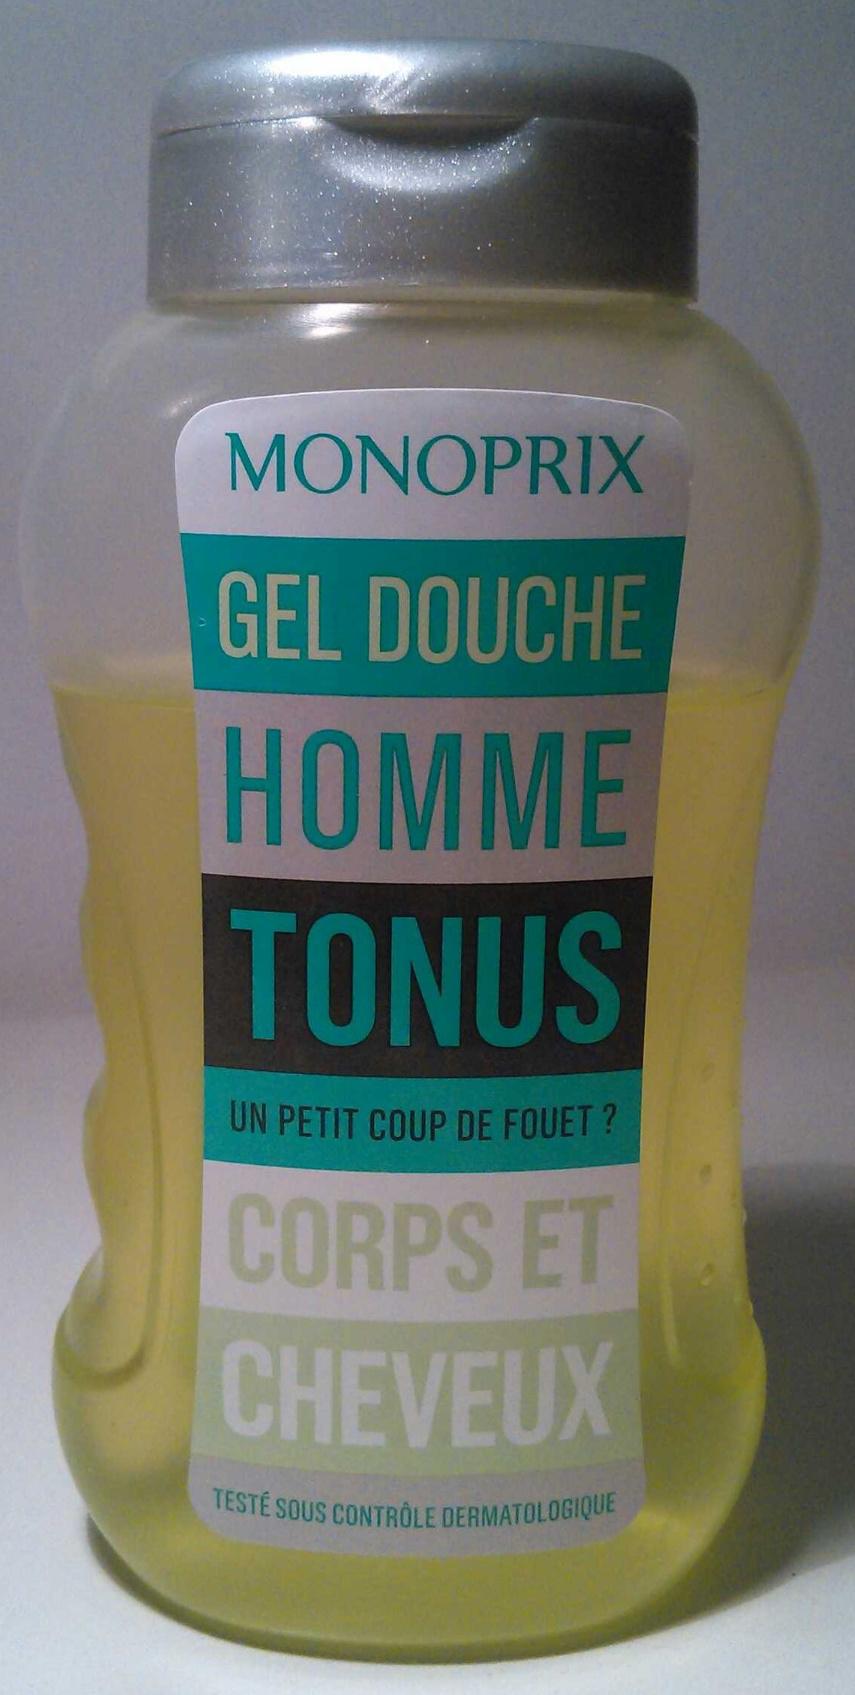 Gel douche homme Tonus Corps et cheveux - Product - fr